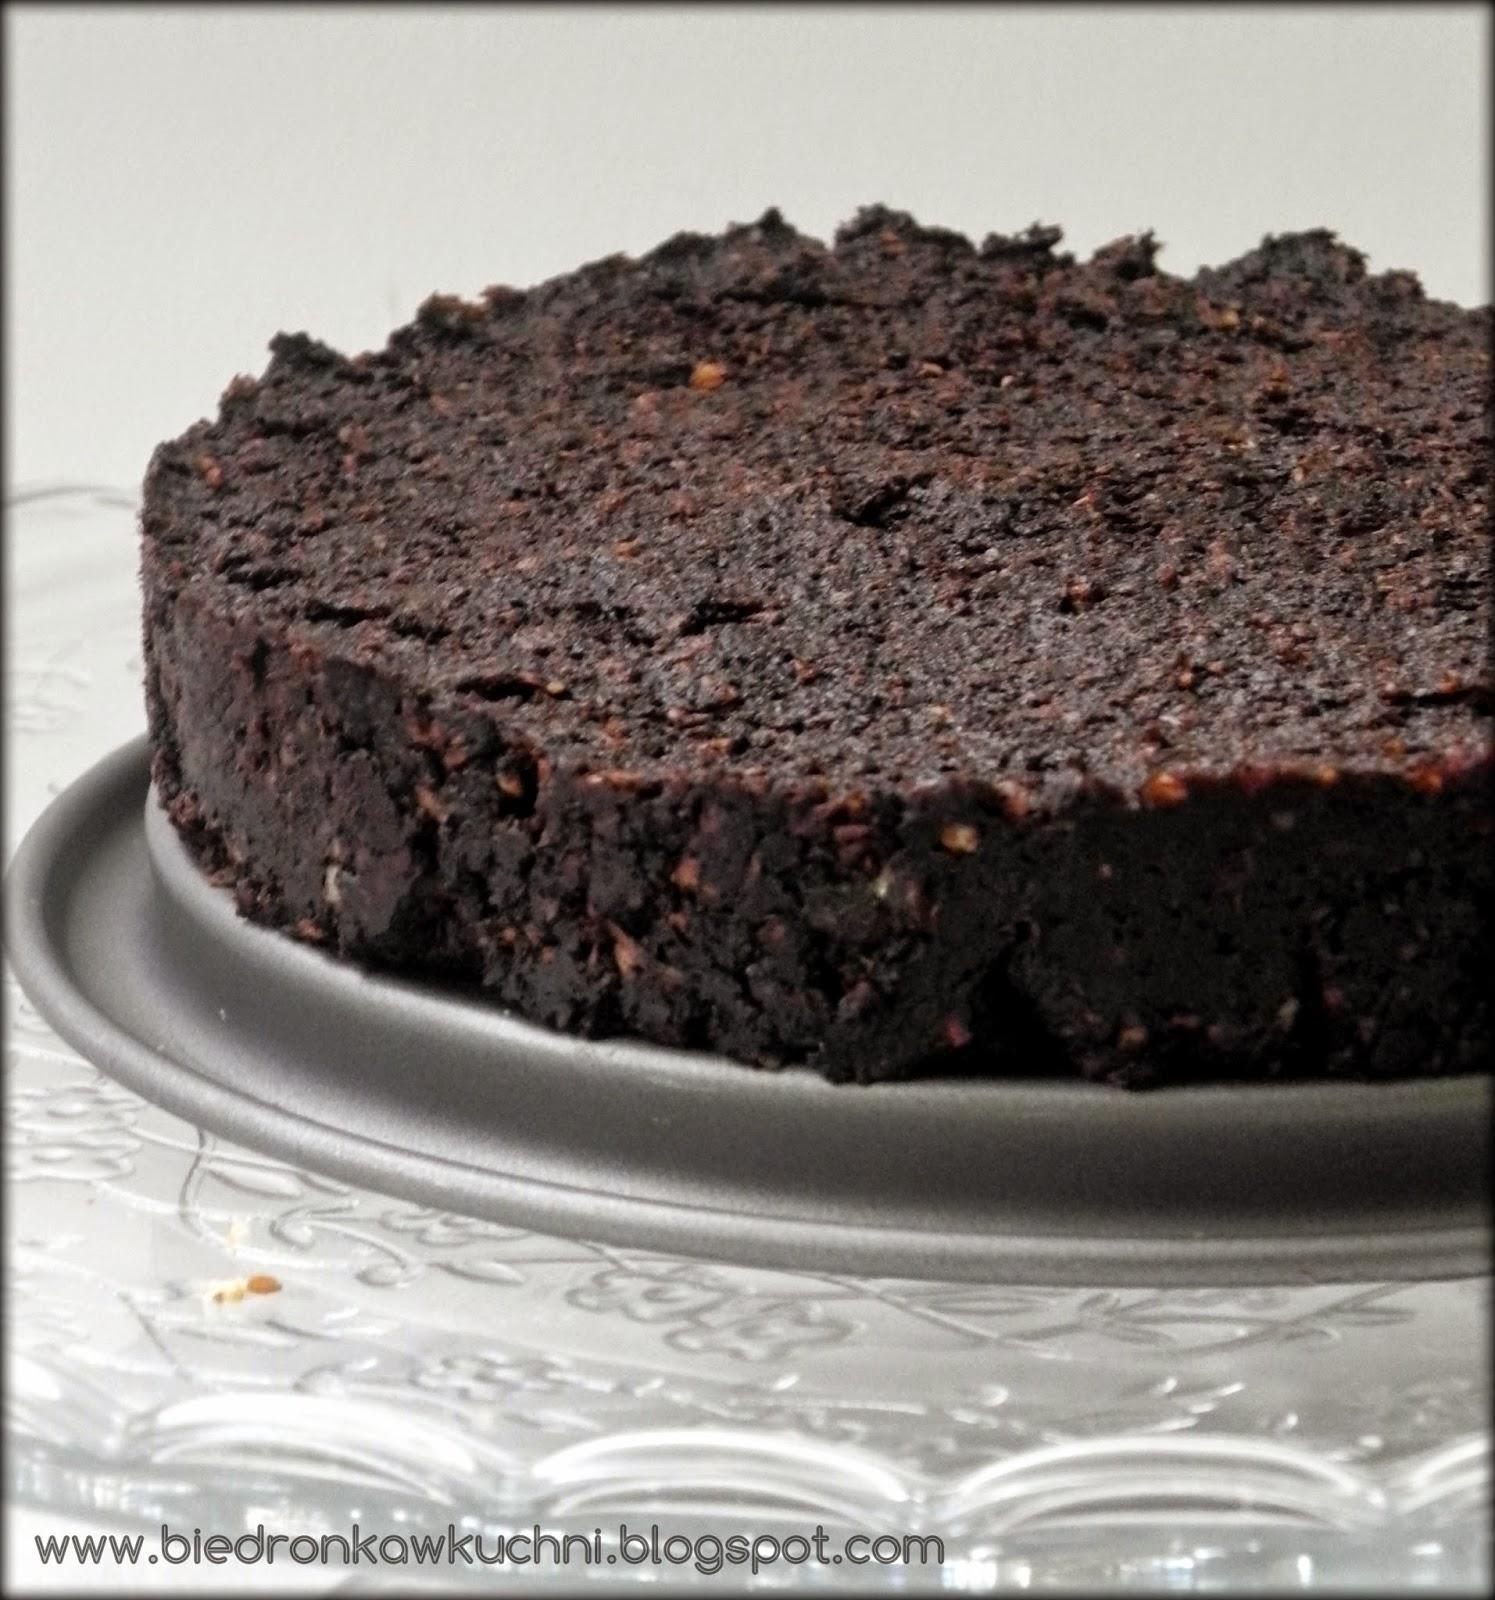 brownie, odchudzone brownie, kinga paruzel, dietetyczne ciasto, ciasto czekoladowe